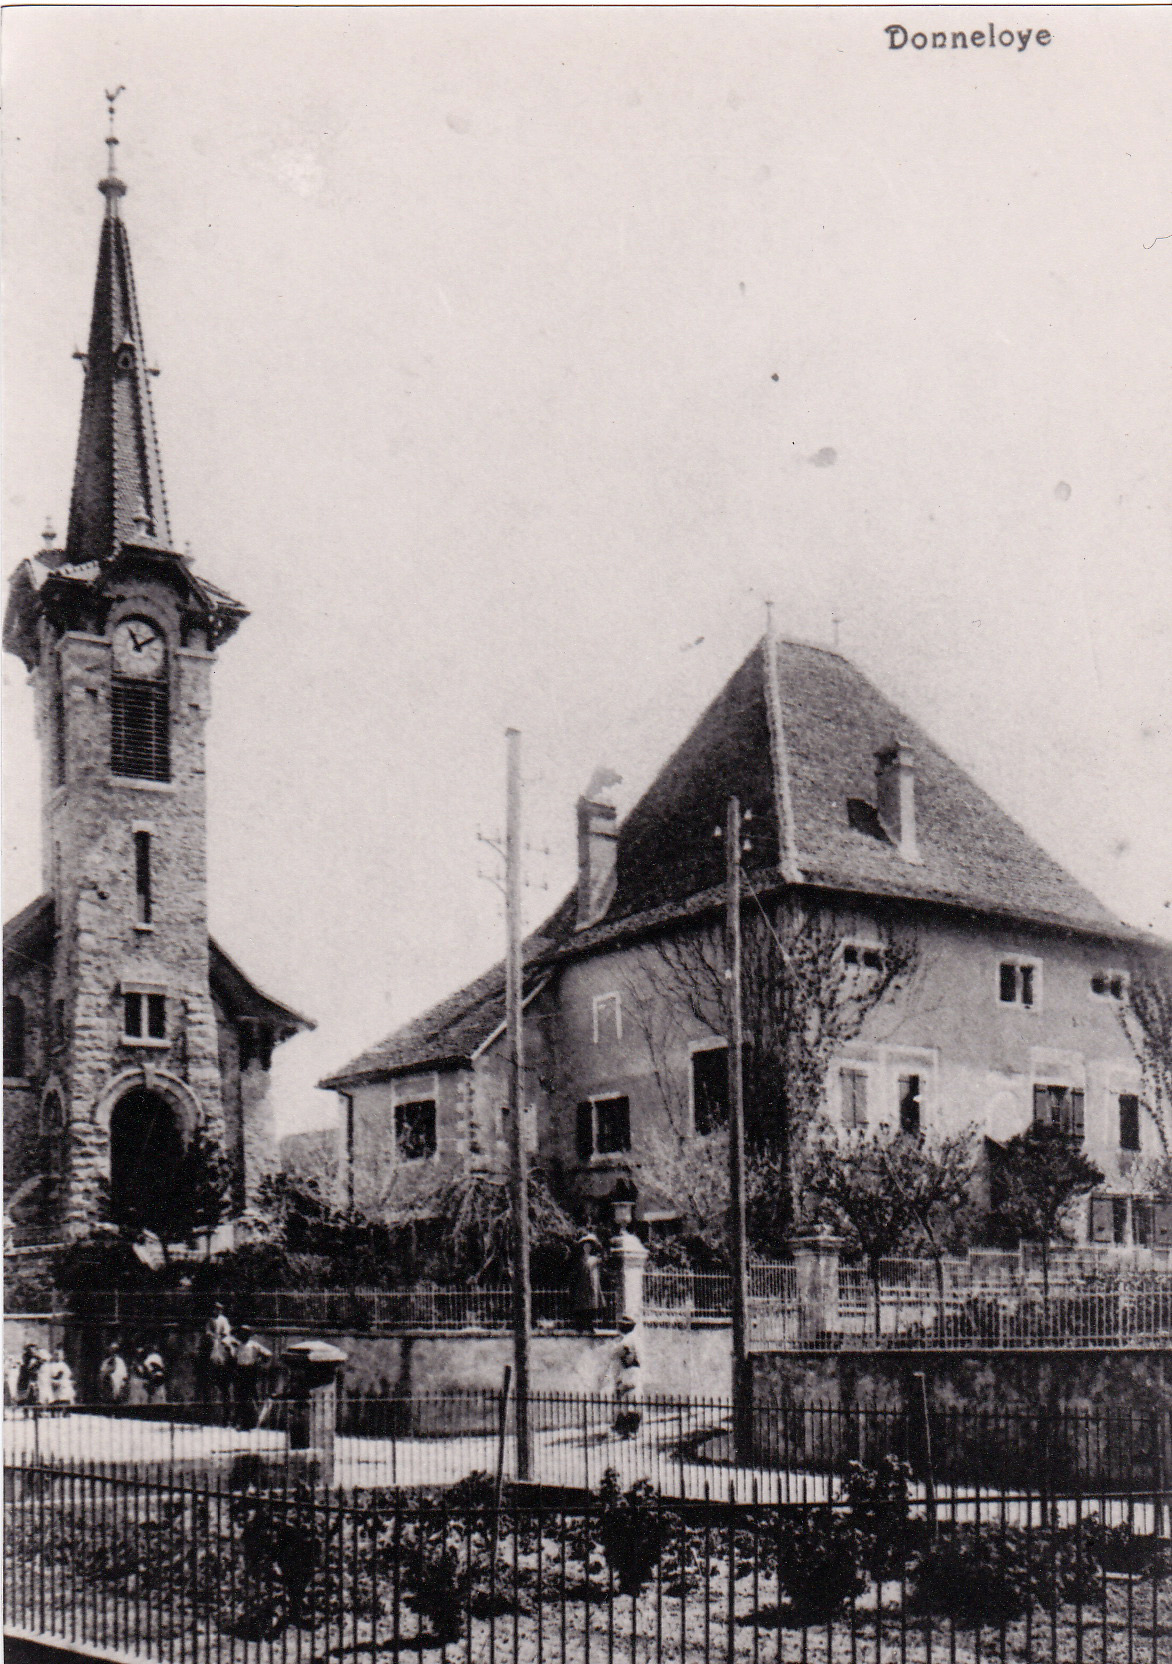 Le château de Donneloye en 1904